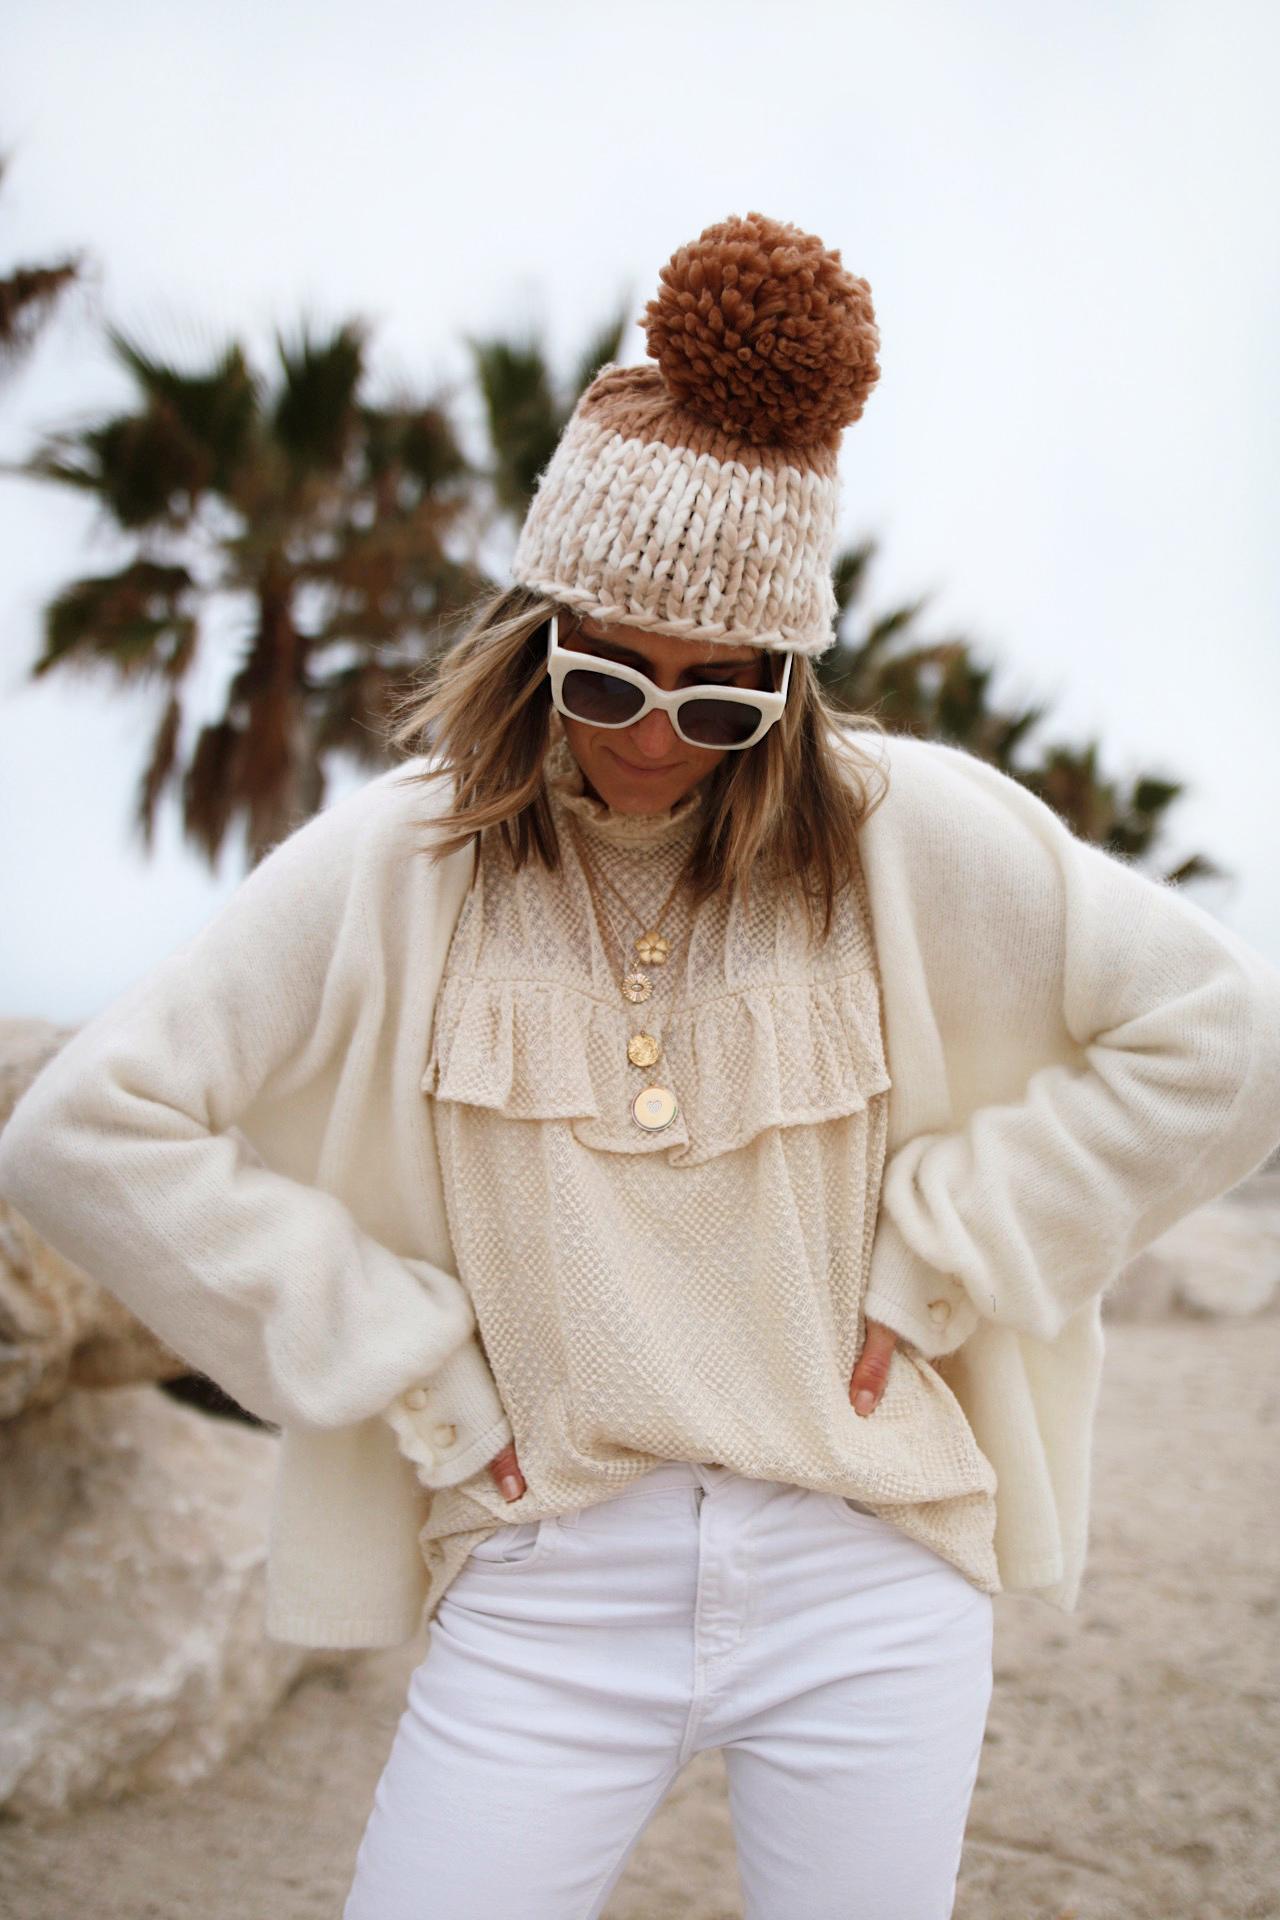 WWW.CHONANDCHON.COM - gilet sézane, blouse stella et Suzie bonnet free people